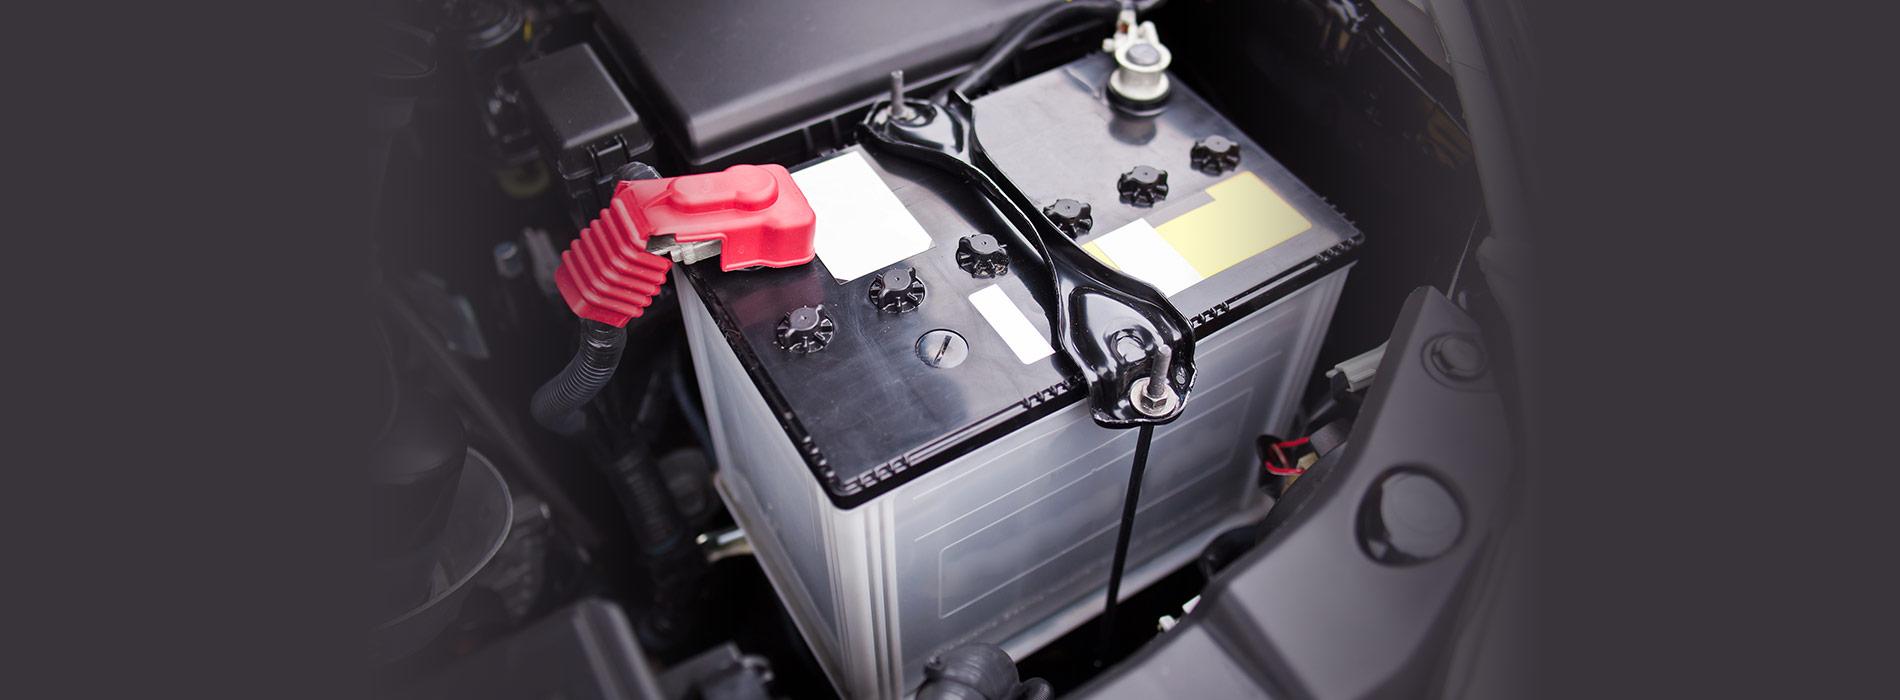 Autobatterie Ludwigshafen am Rhein 1 - Autobatterie Ludwigshafen am Rhein